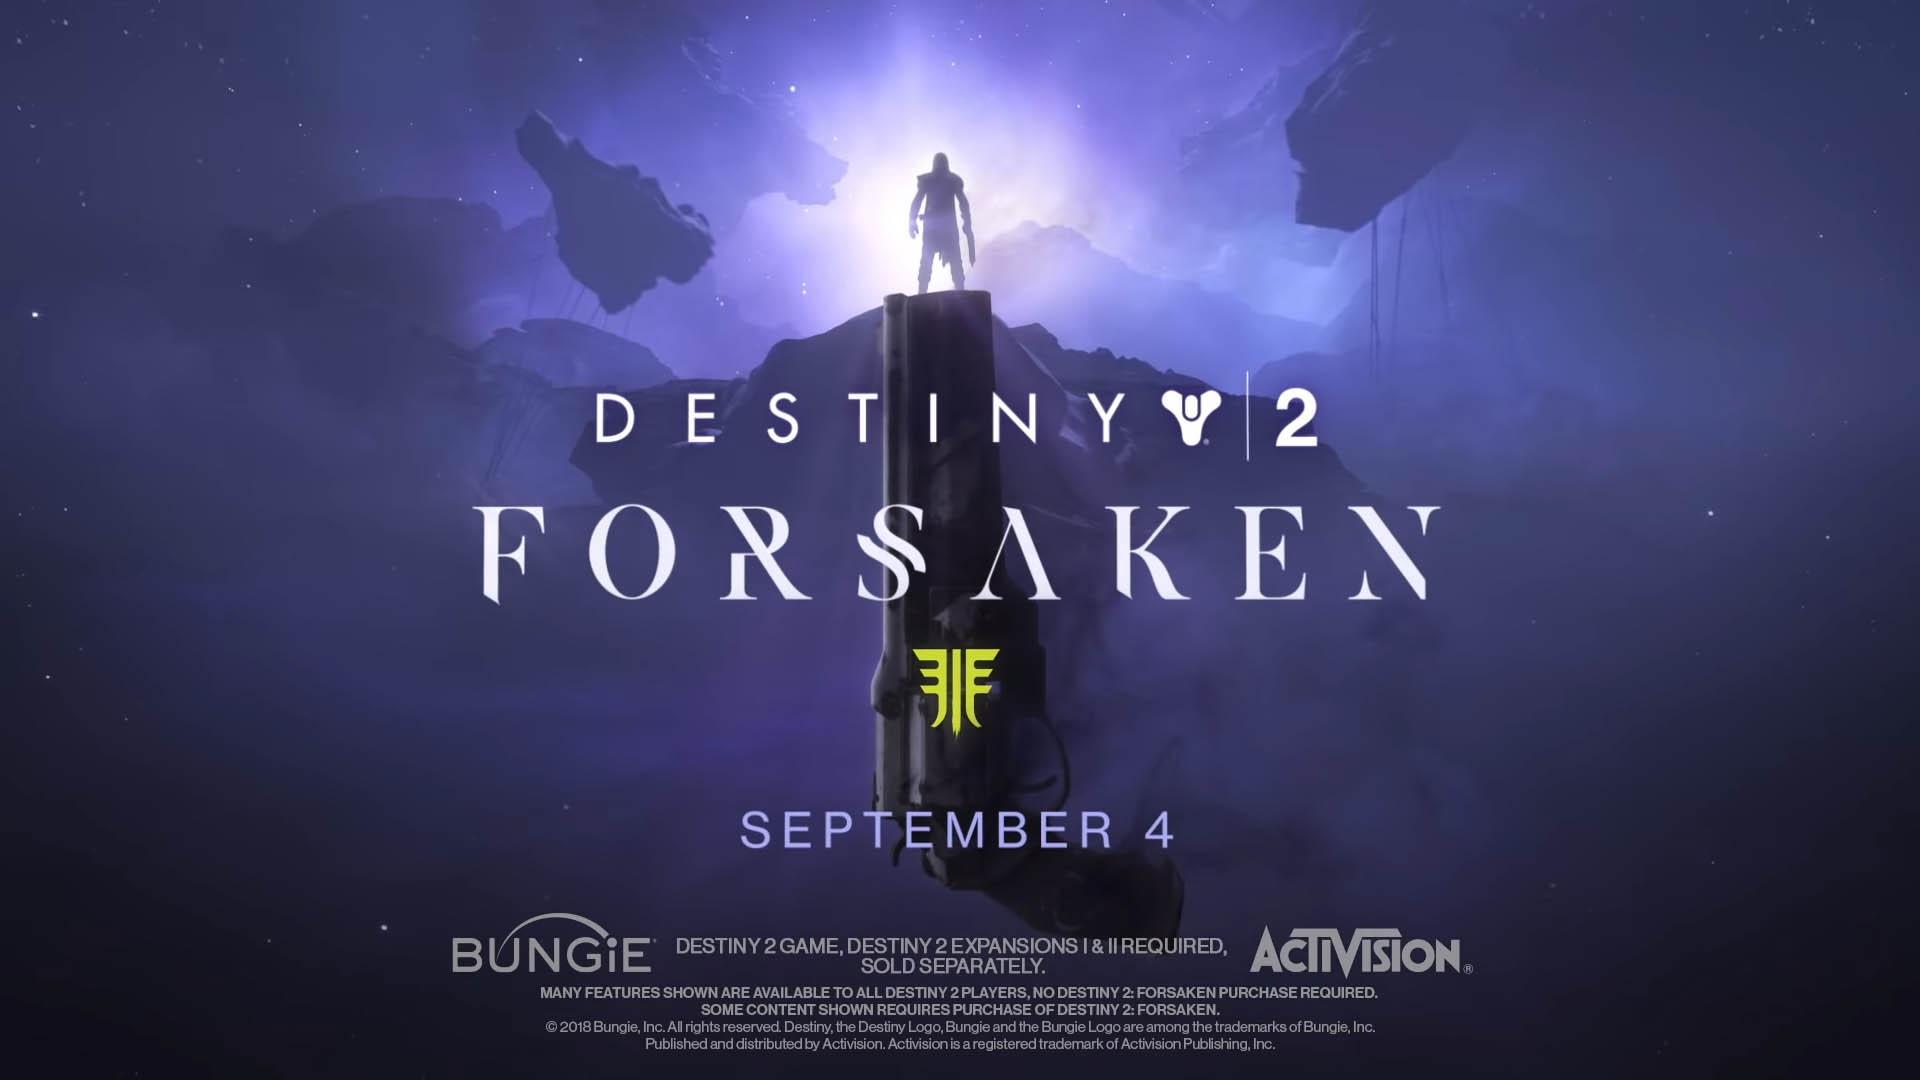 destiny 2 forsaken legendary edition reddit